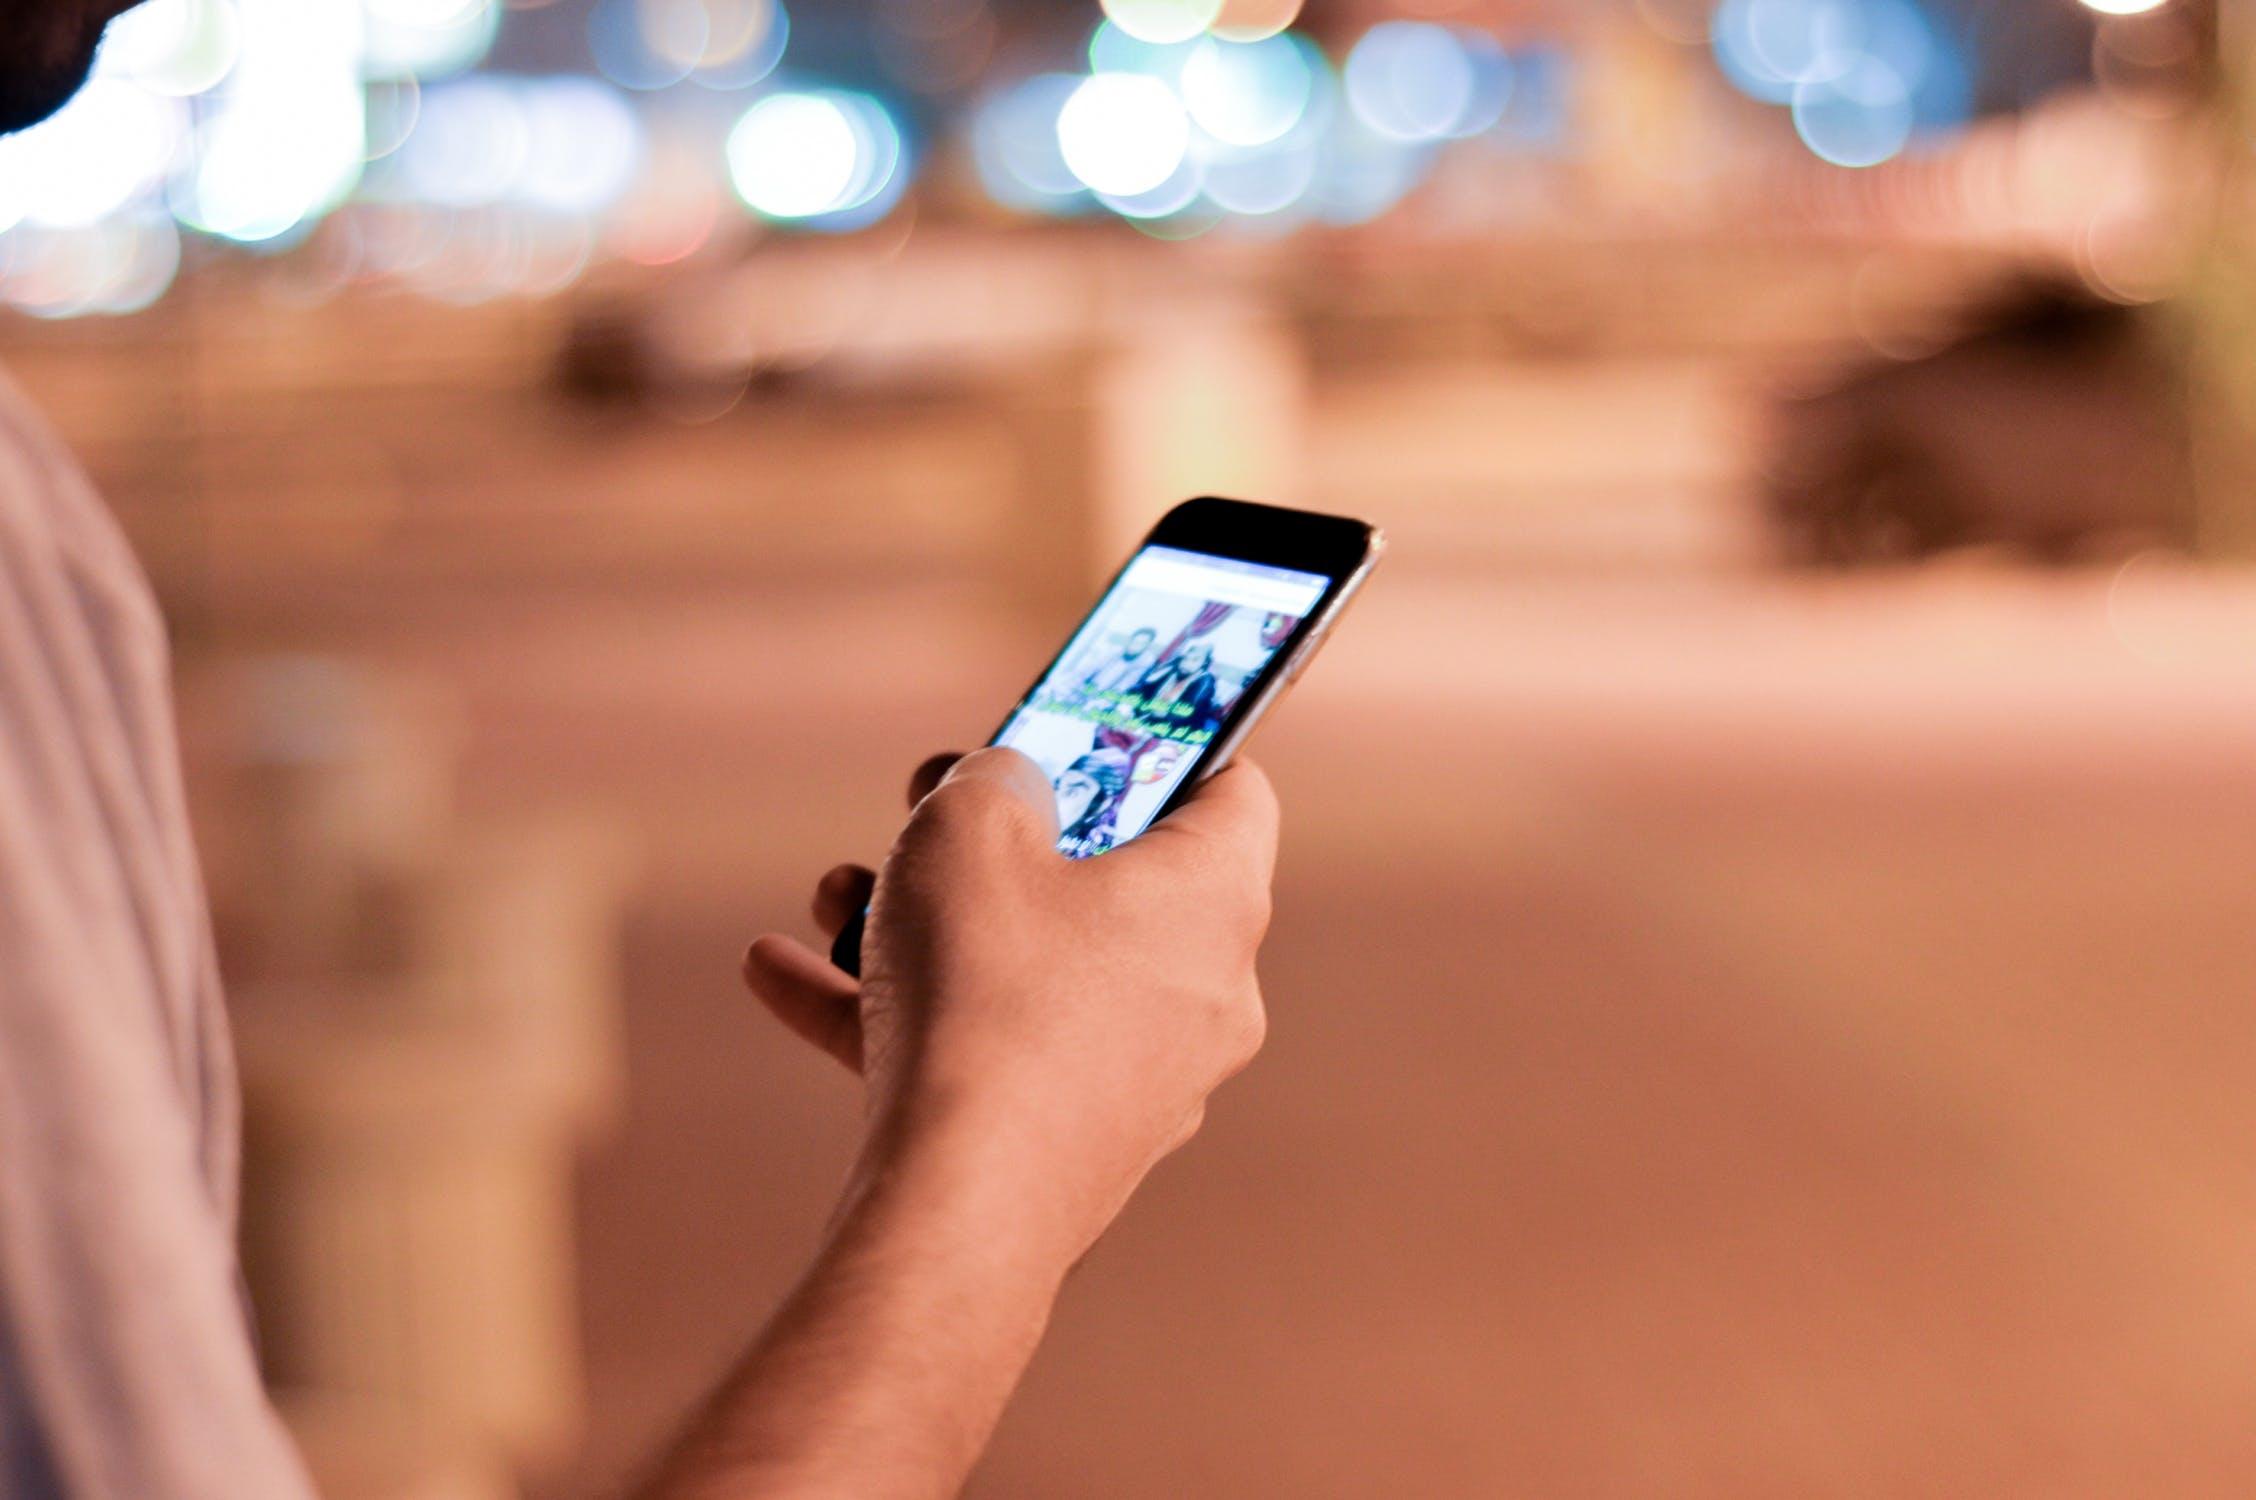 国内100Mbps宽带普及率达86.8% 1000Mbps用户翻了3倍